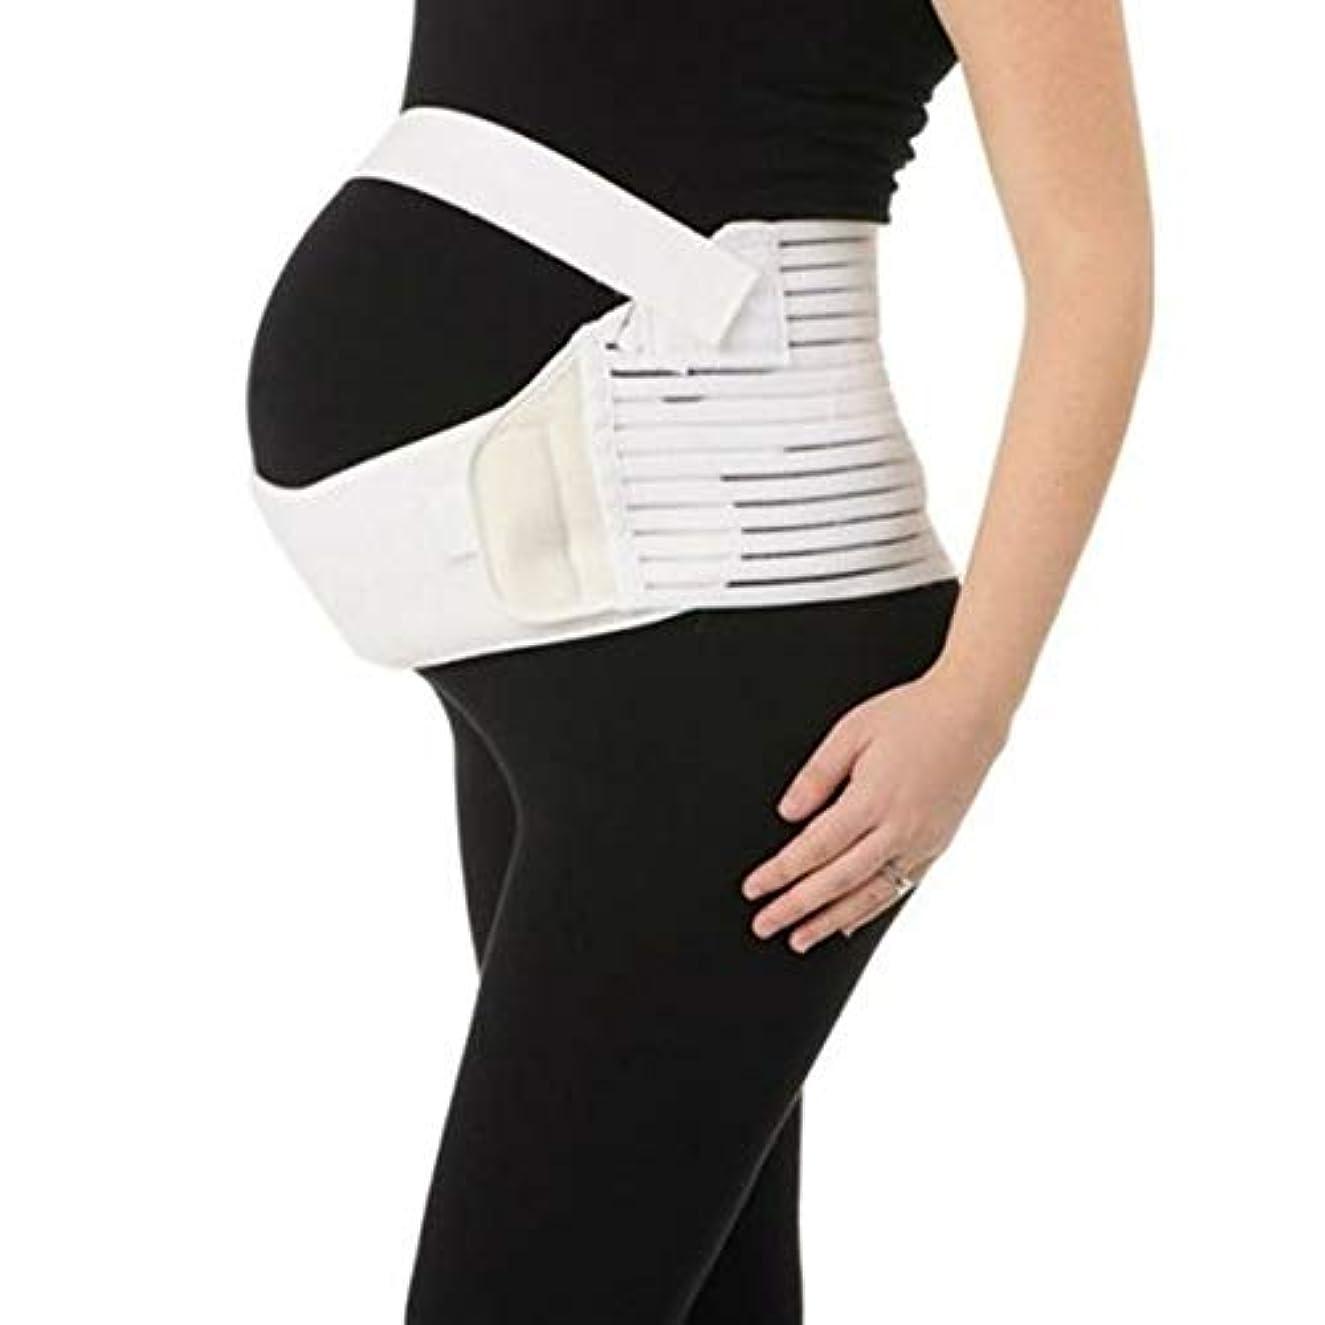 延ばすルネッサンス気怠い通気性産科ベルト妊娠腹部サポート腹部バインダーガードル運動包帯産後の回復形状ウェア - ホワイトM